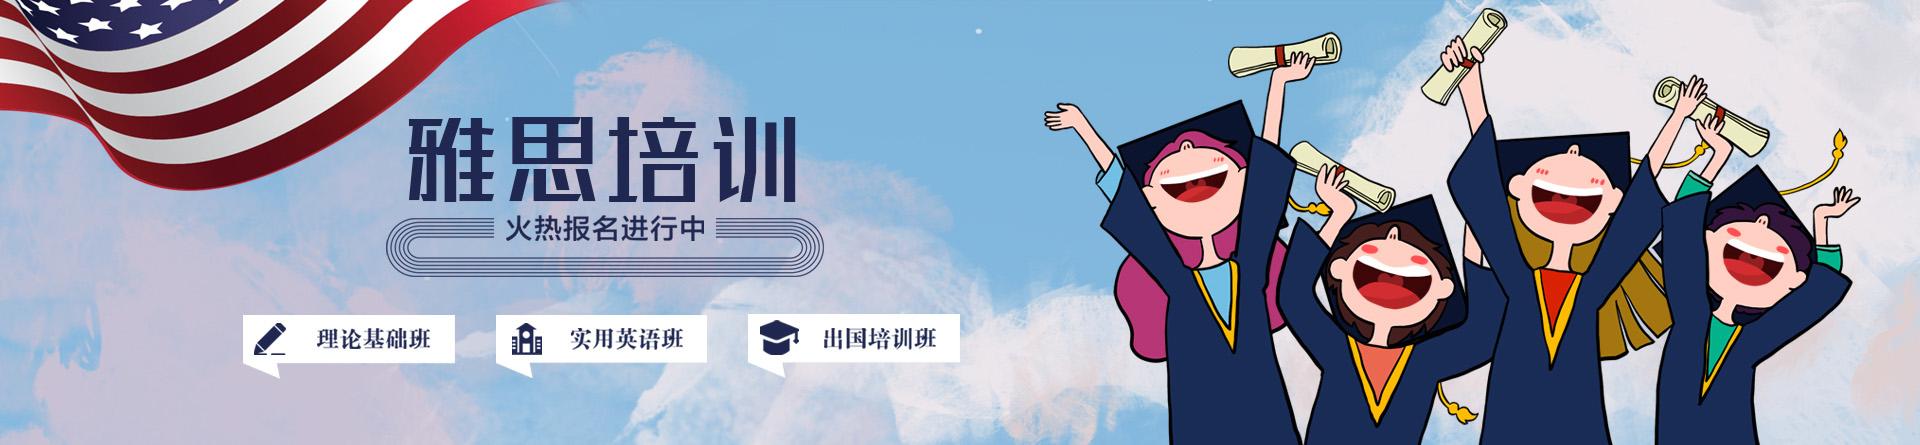 武汉丰颐新航道英语培训